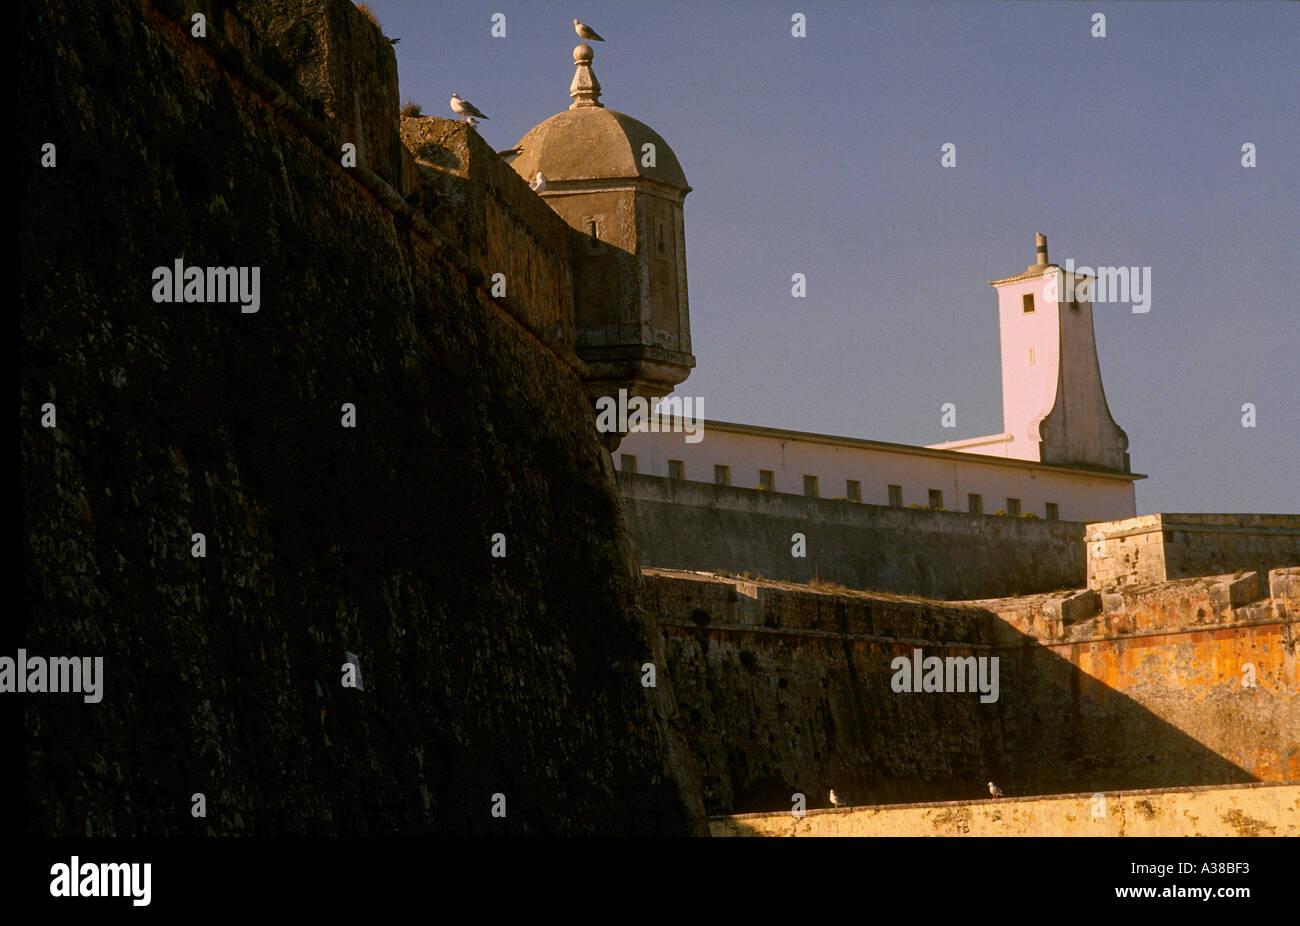 Peniche - Stock Image